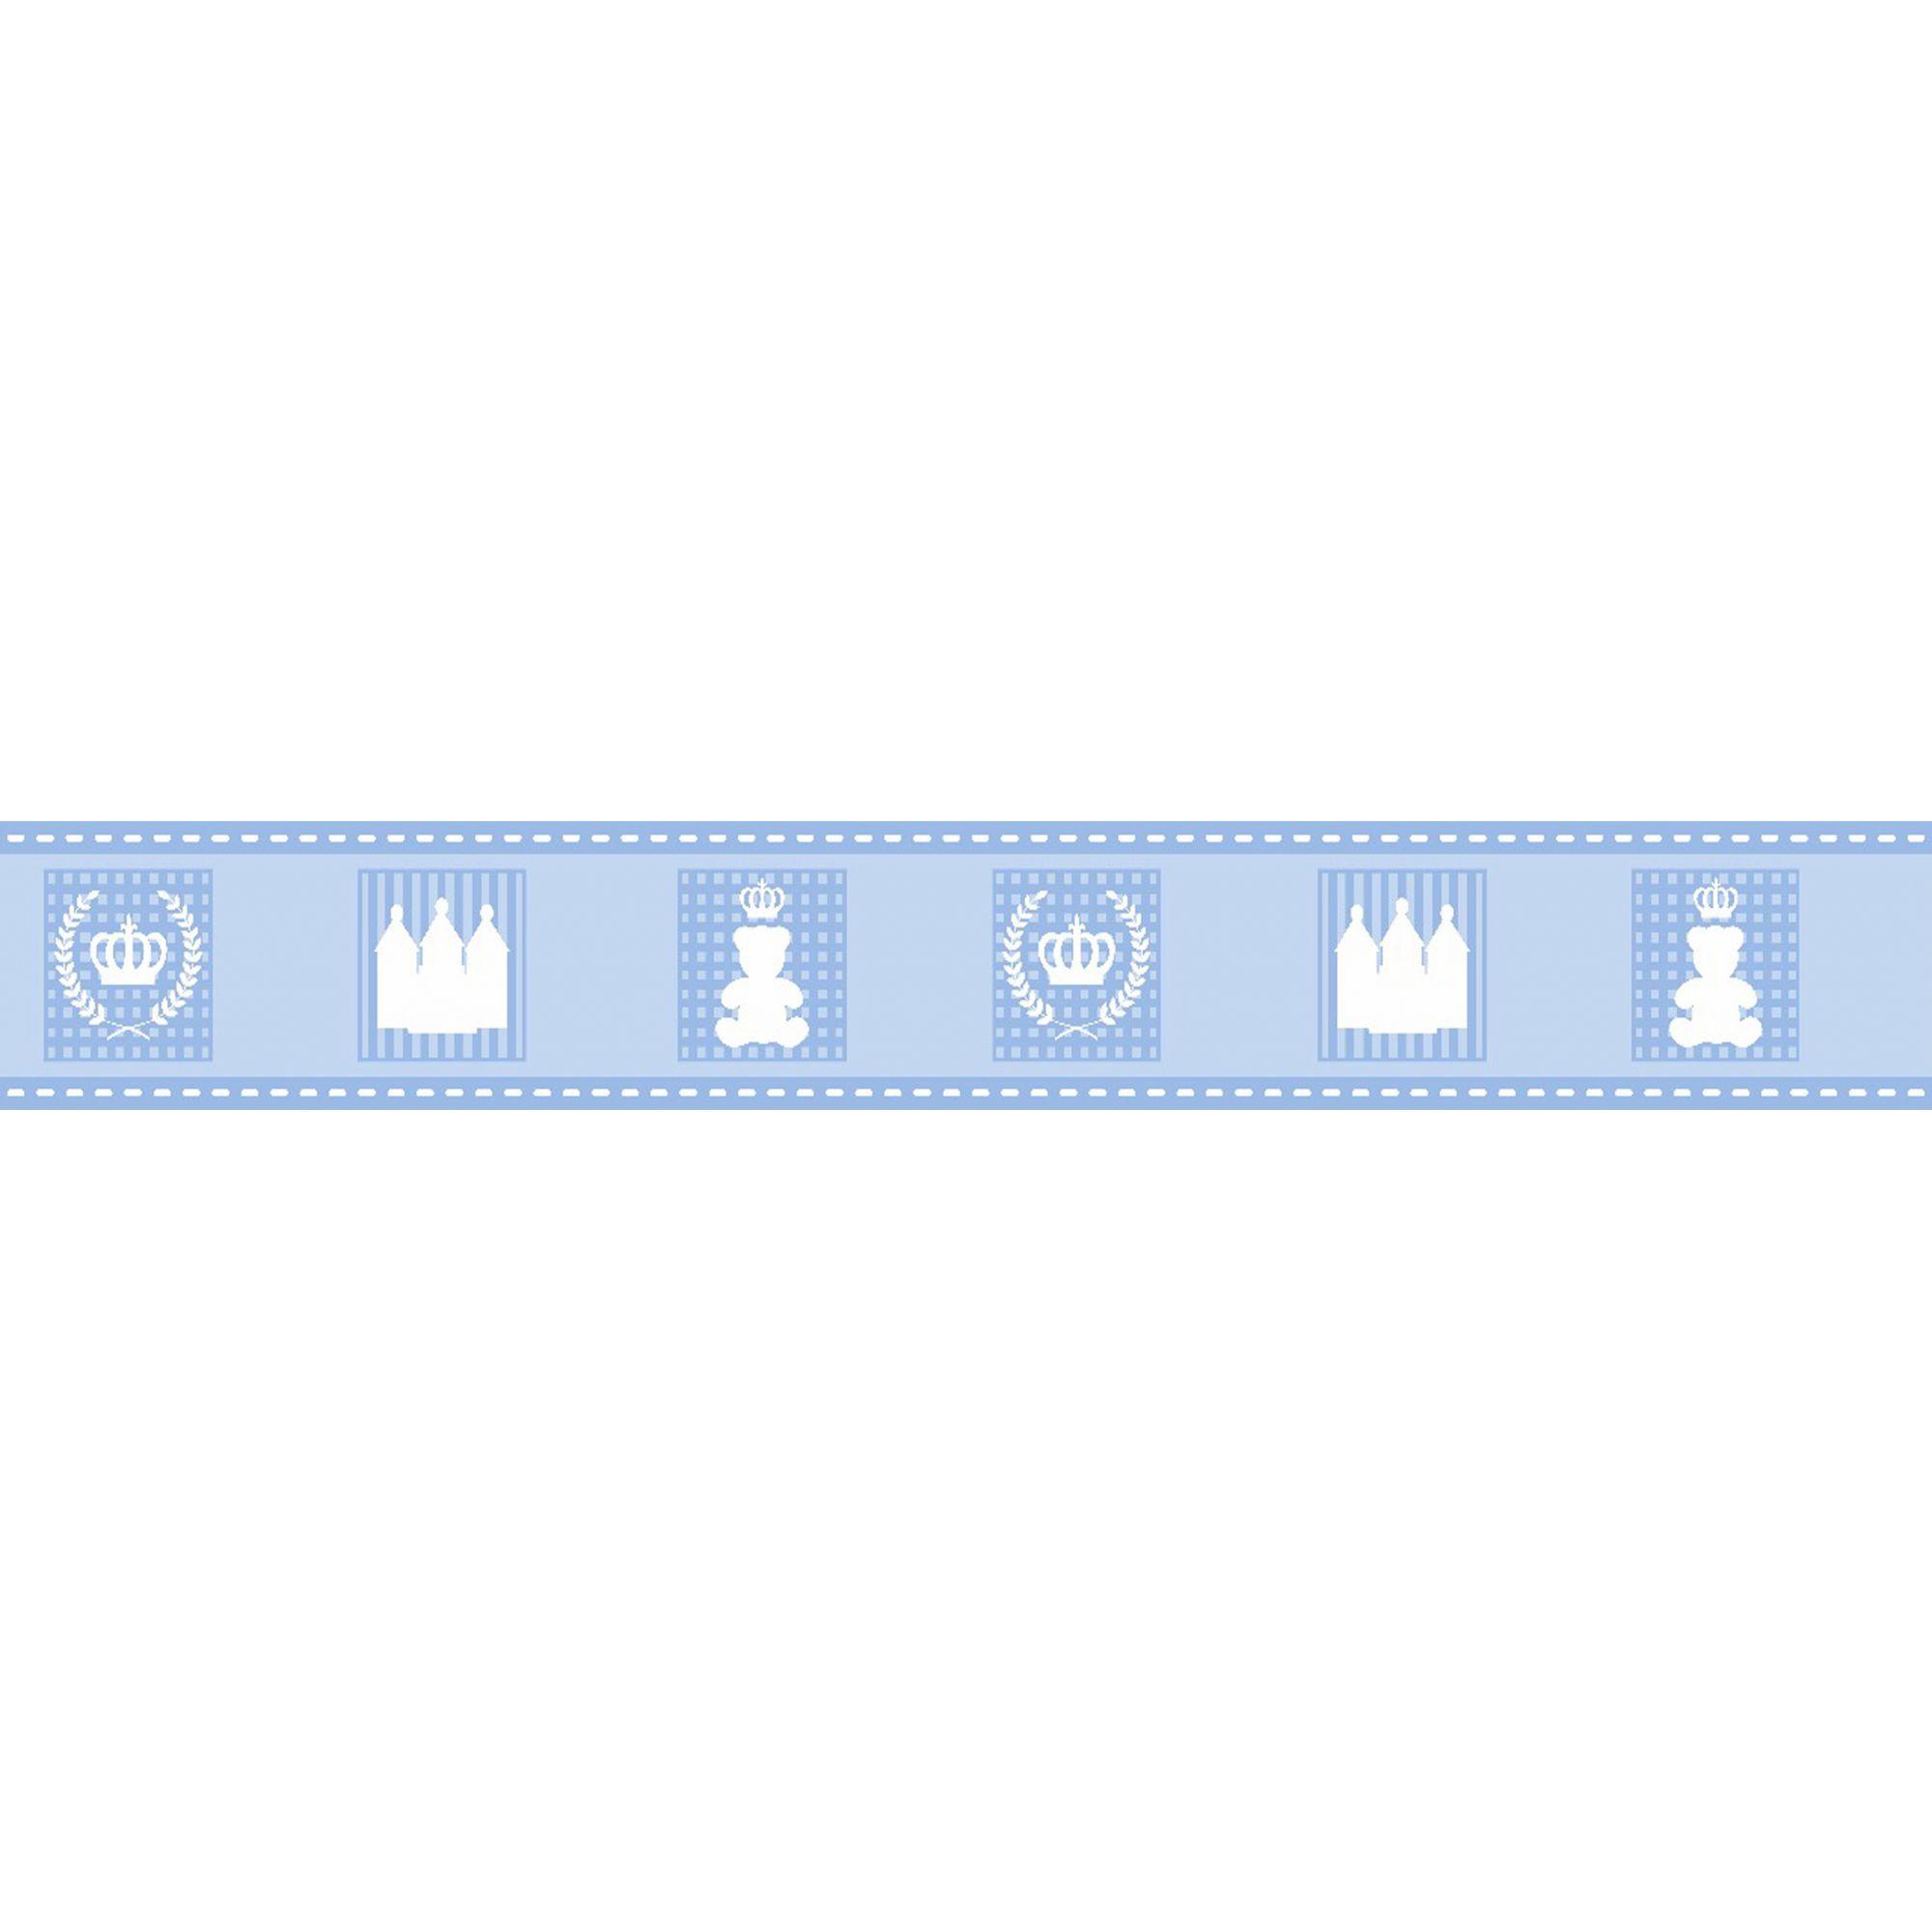 Faixa Decorativa Adesiva Urso Coroa Azul  - Final Decor